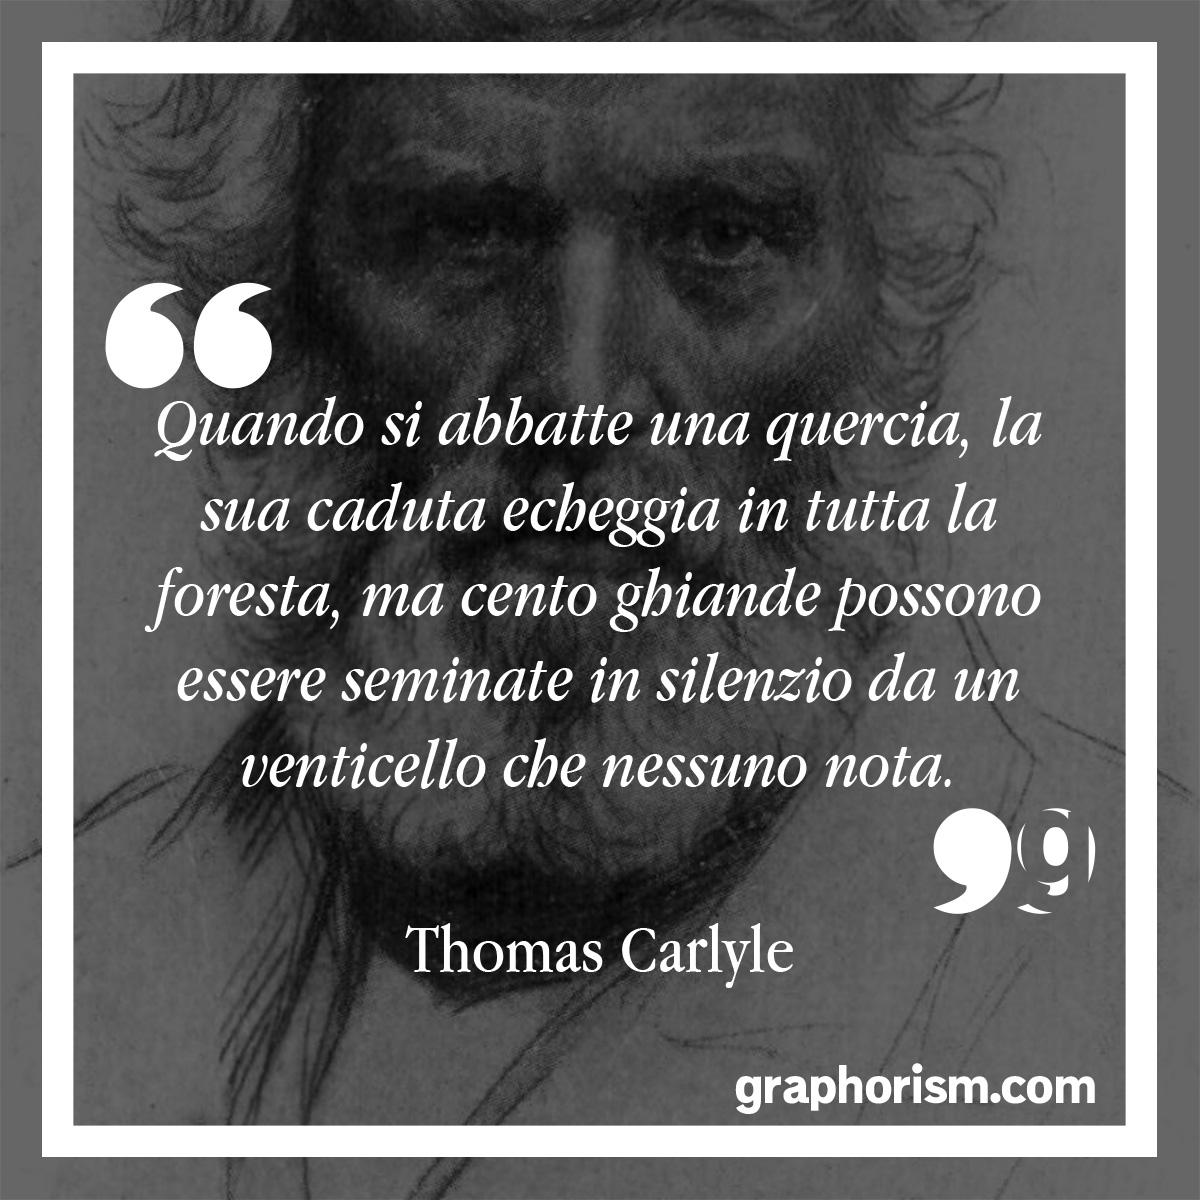 Thomas Carlyle: Quando si abbatte una quercia, la sua caduta echeggia in tutta la foresta, ma cento ghiande possono essere seminate in silenzio da un venticello che nessuno nota.